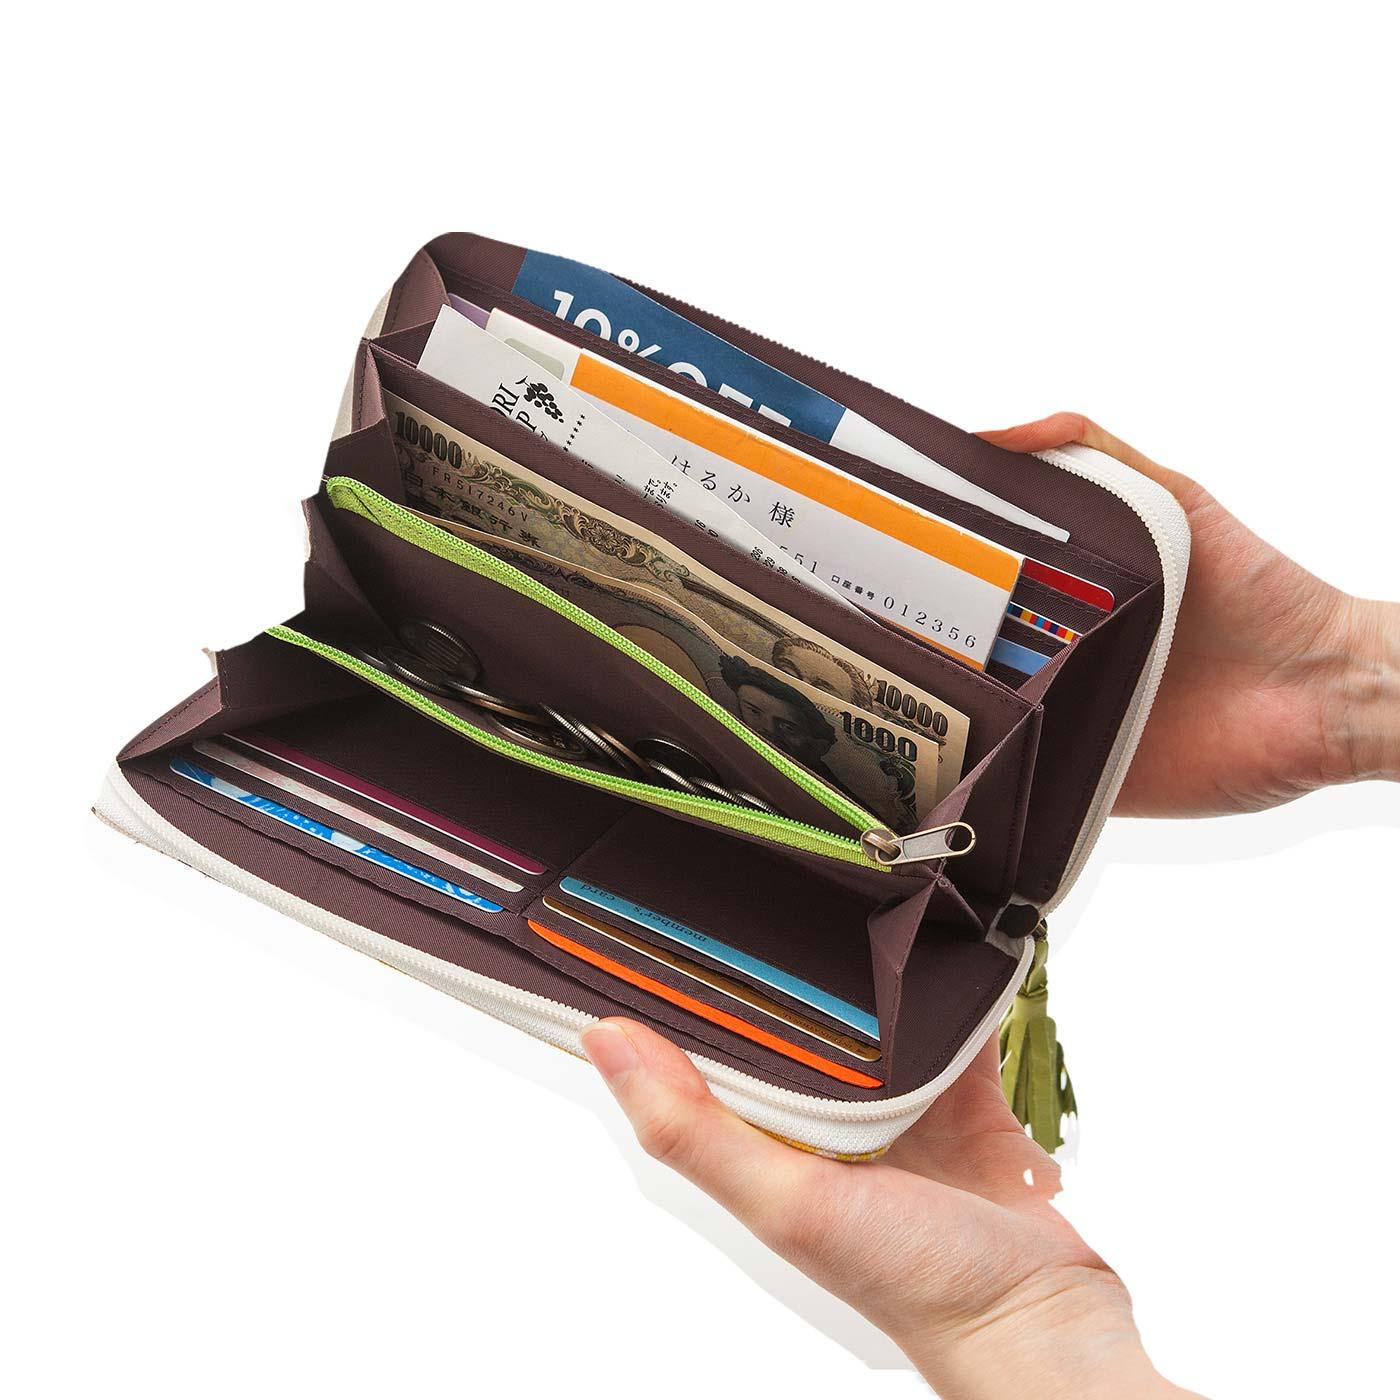 通帳も収納できる大きめサイズ。通帳とカードをひとまとめに保管するポーチとしても。